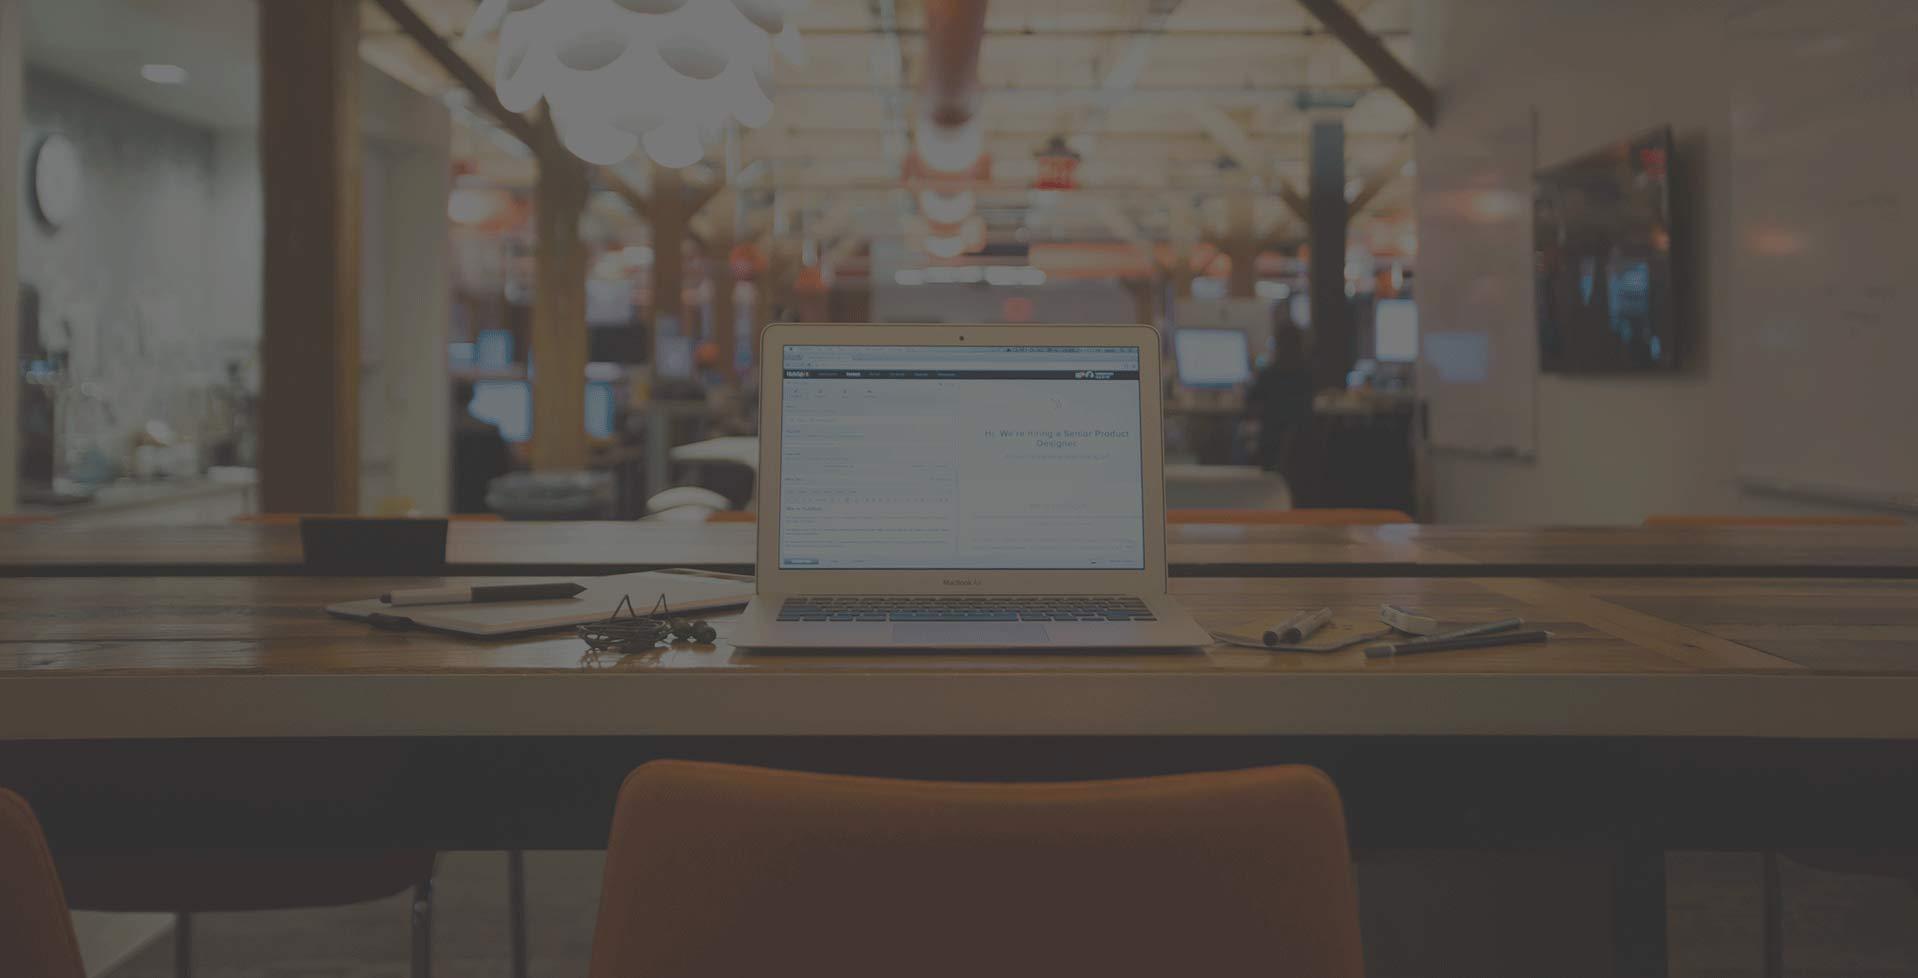 HubSpot Marketing Enterprise